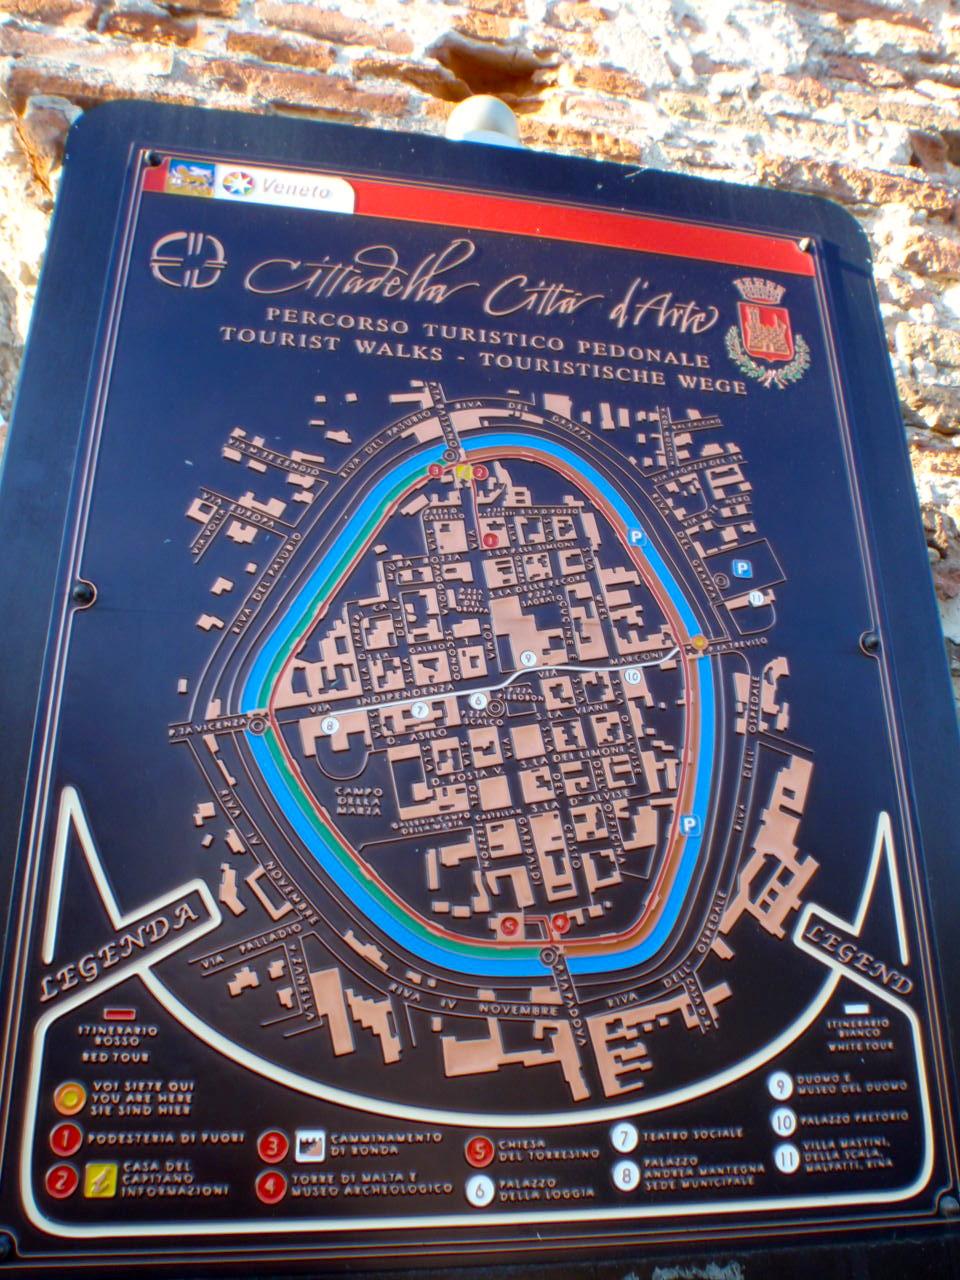 Map of Cittadella